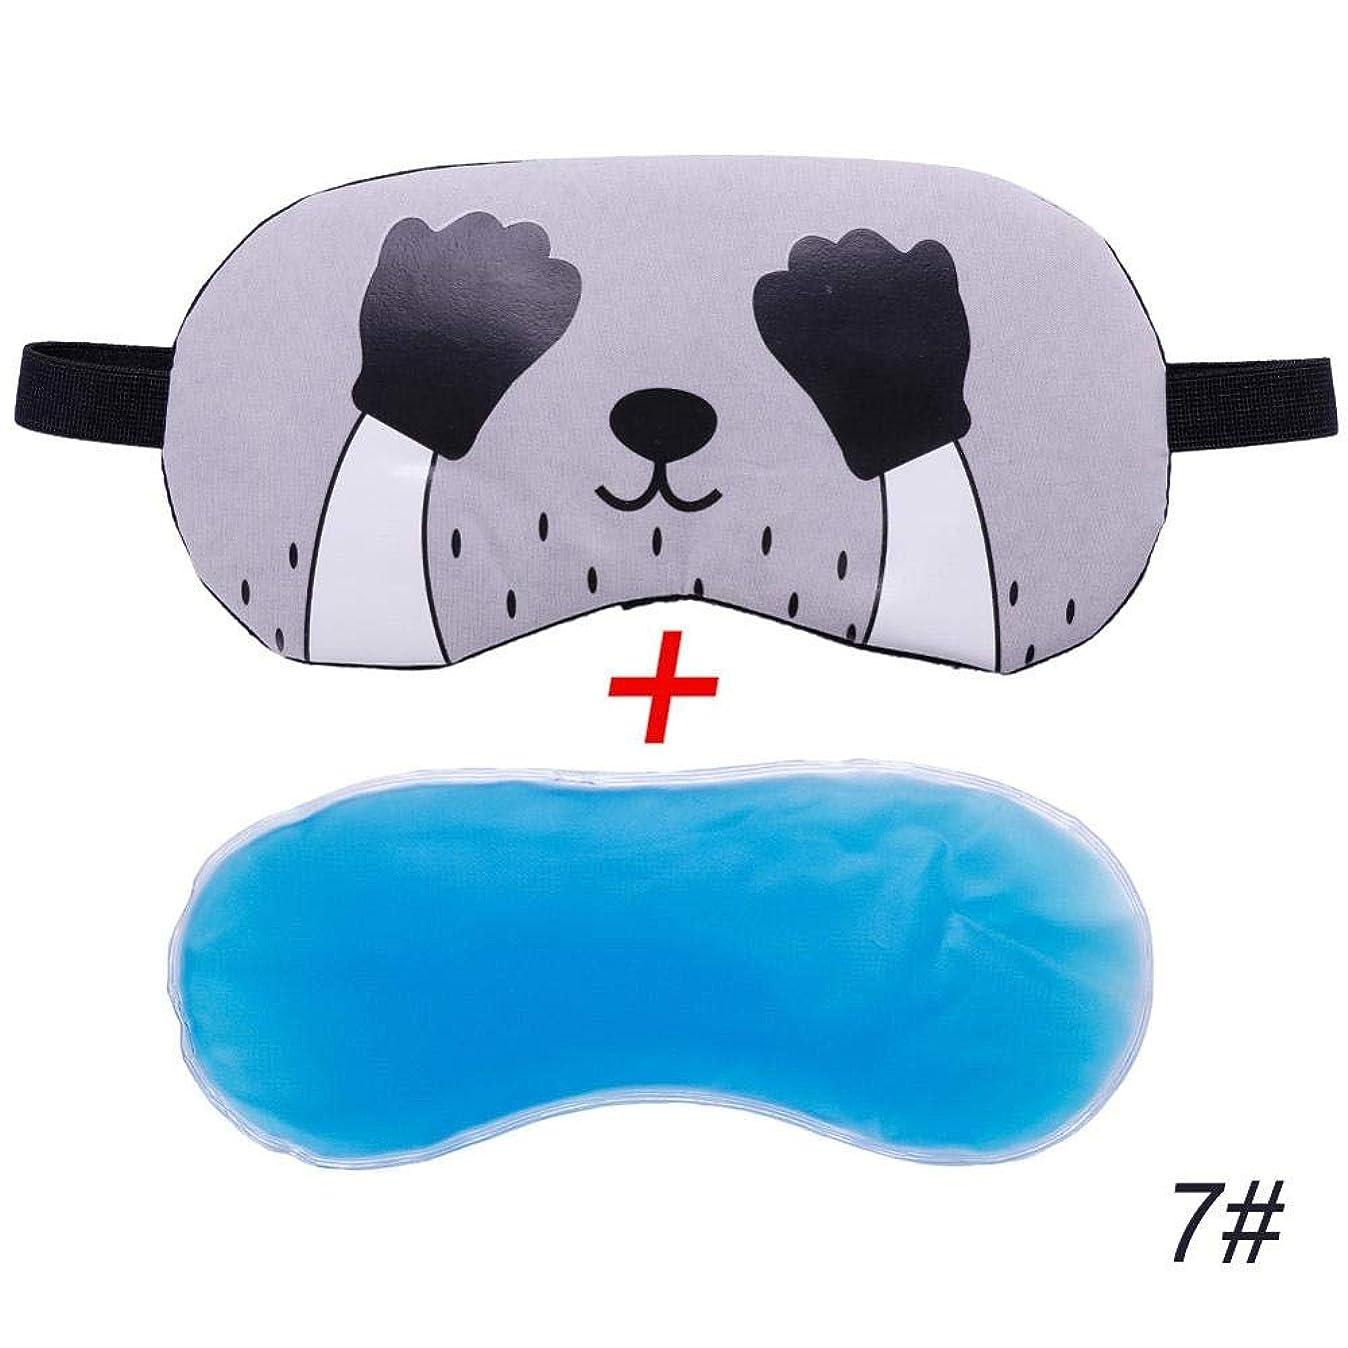 電気的情報悔い改めNOTE かわいい猫漫画ソフトアイ睡眠補助マスクで快適なアイス圧縮ゲル旅行残りアイシェードカバー目隠し#280205